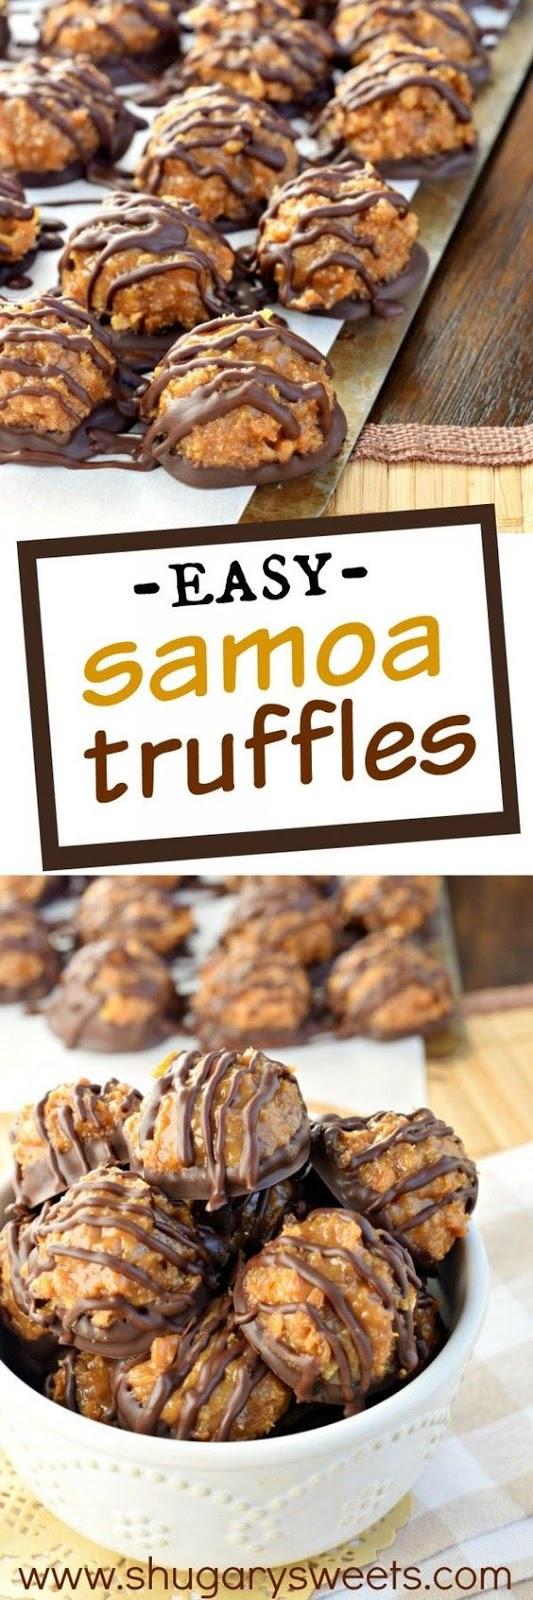 Easy Samoa Truffles